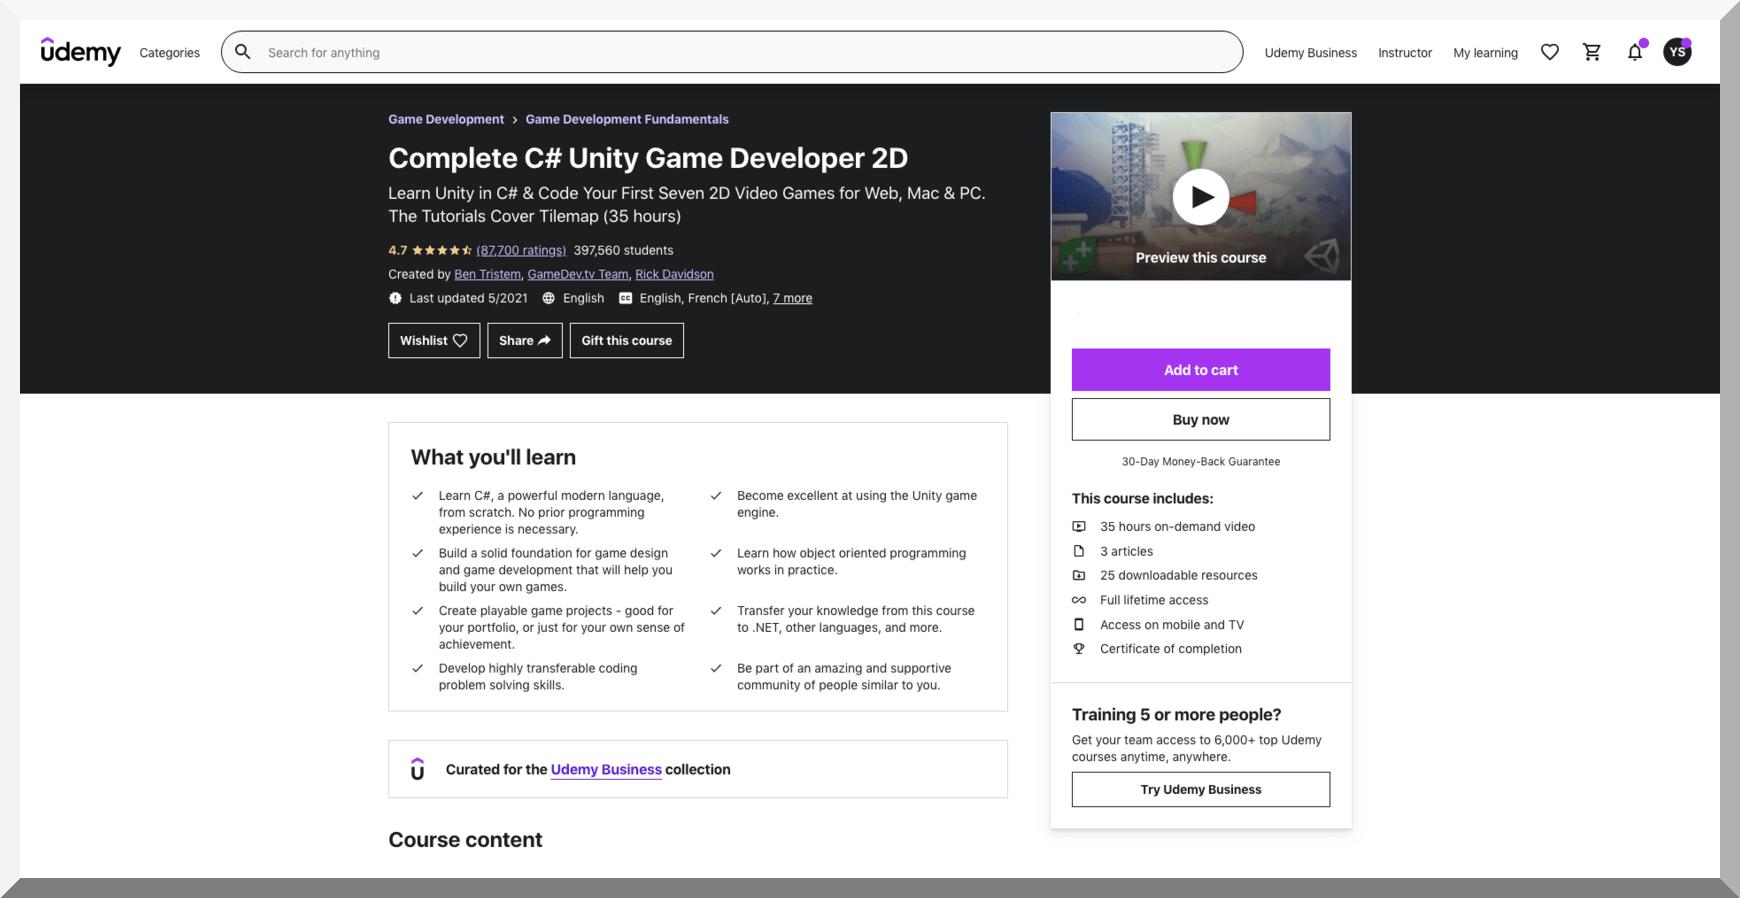 Complete C# Unity Game Developer 2D – Udemy